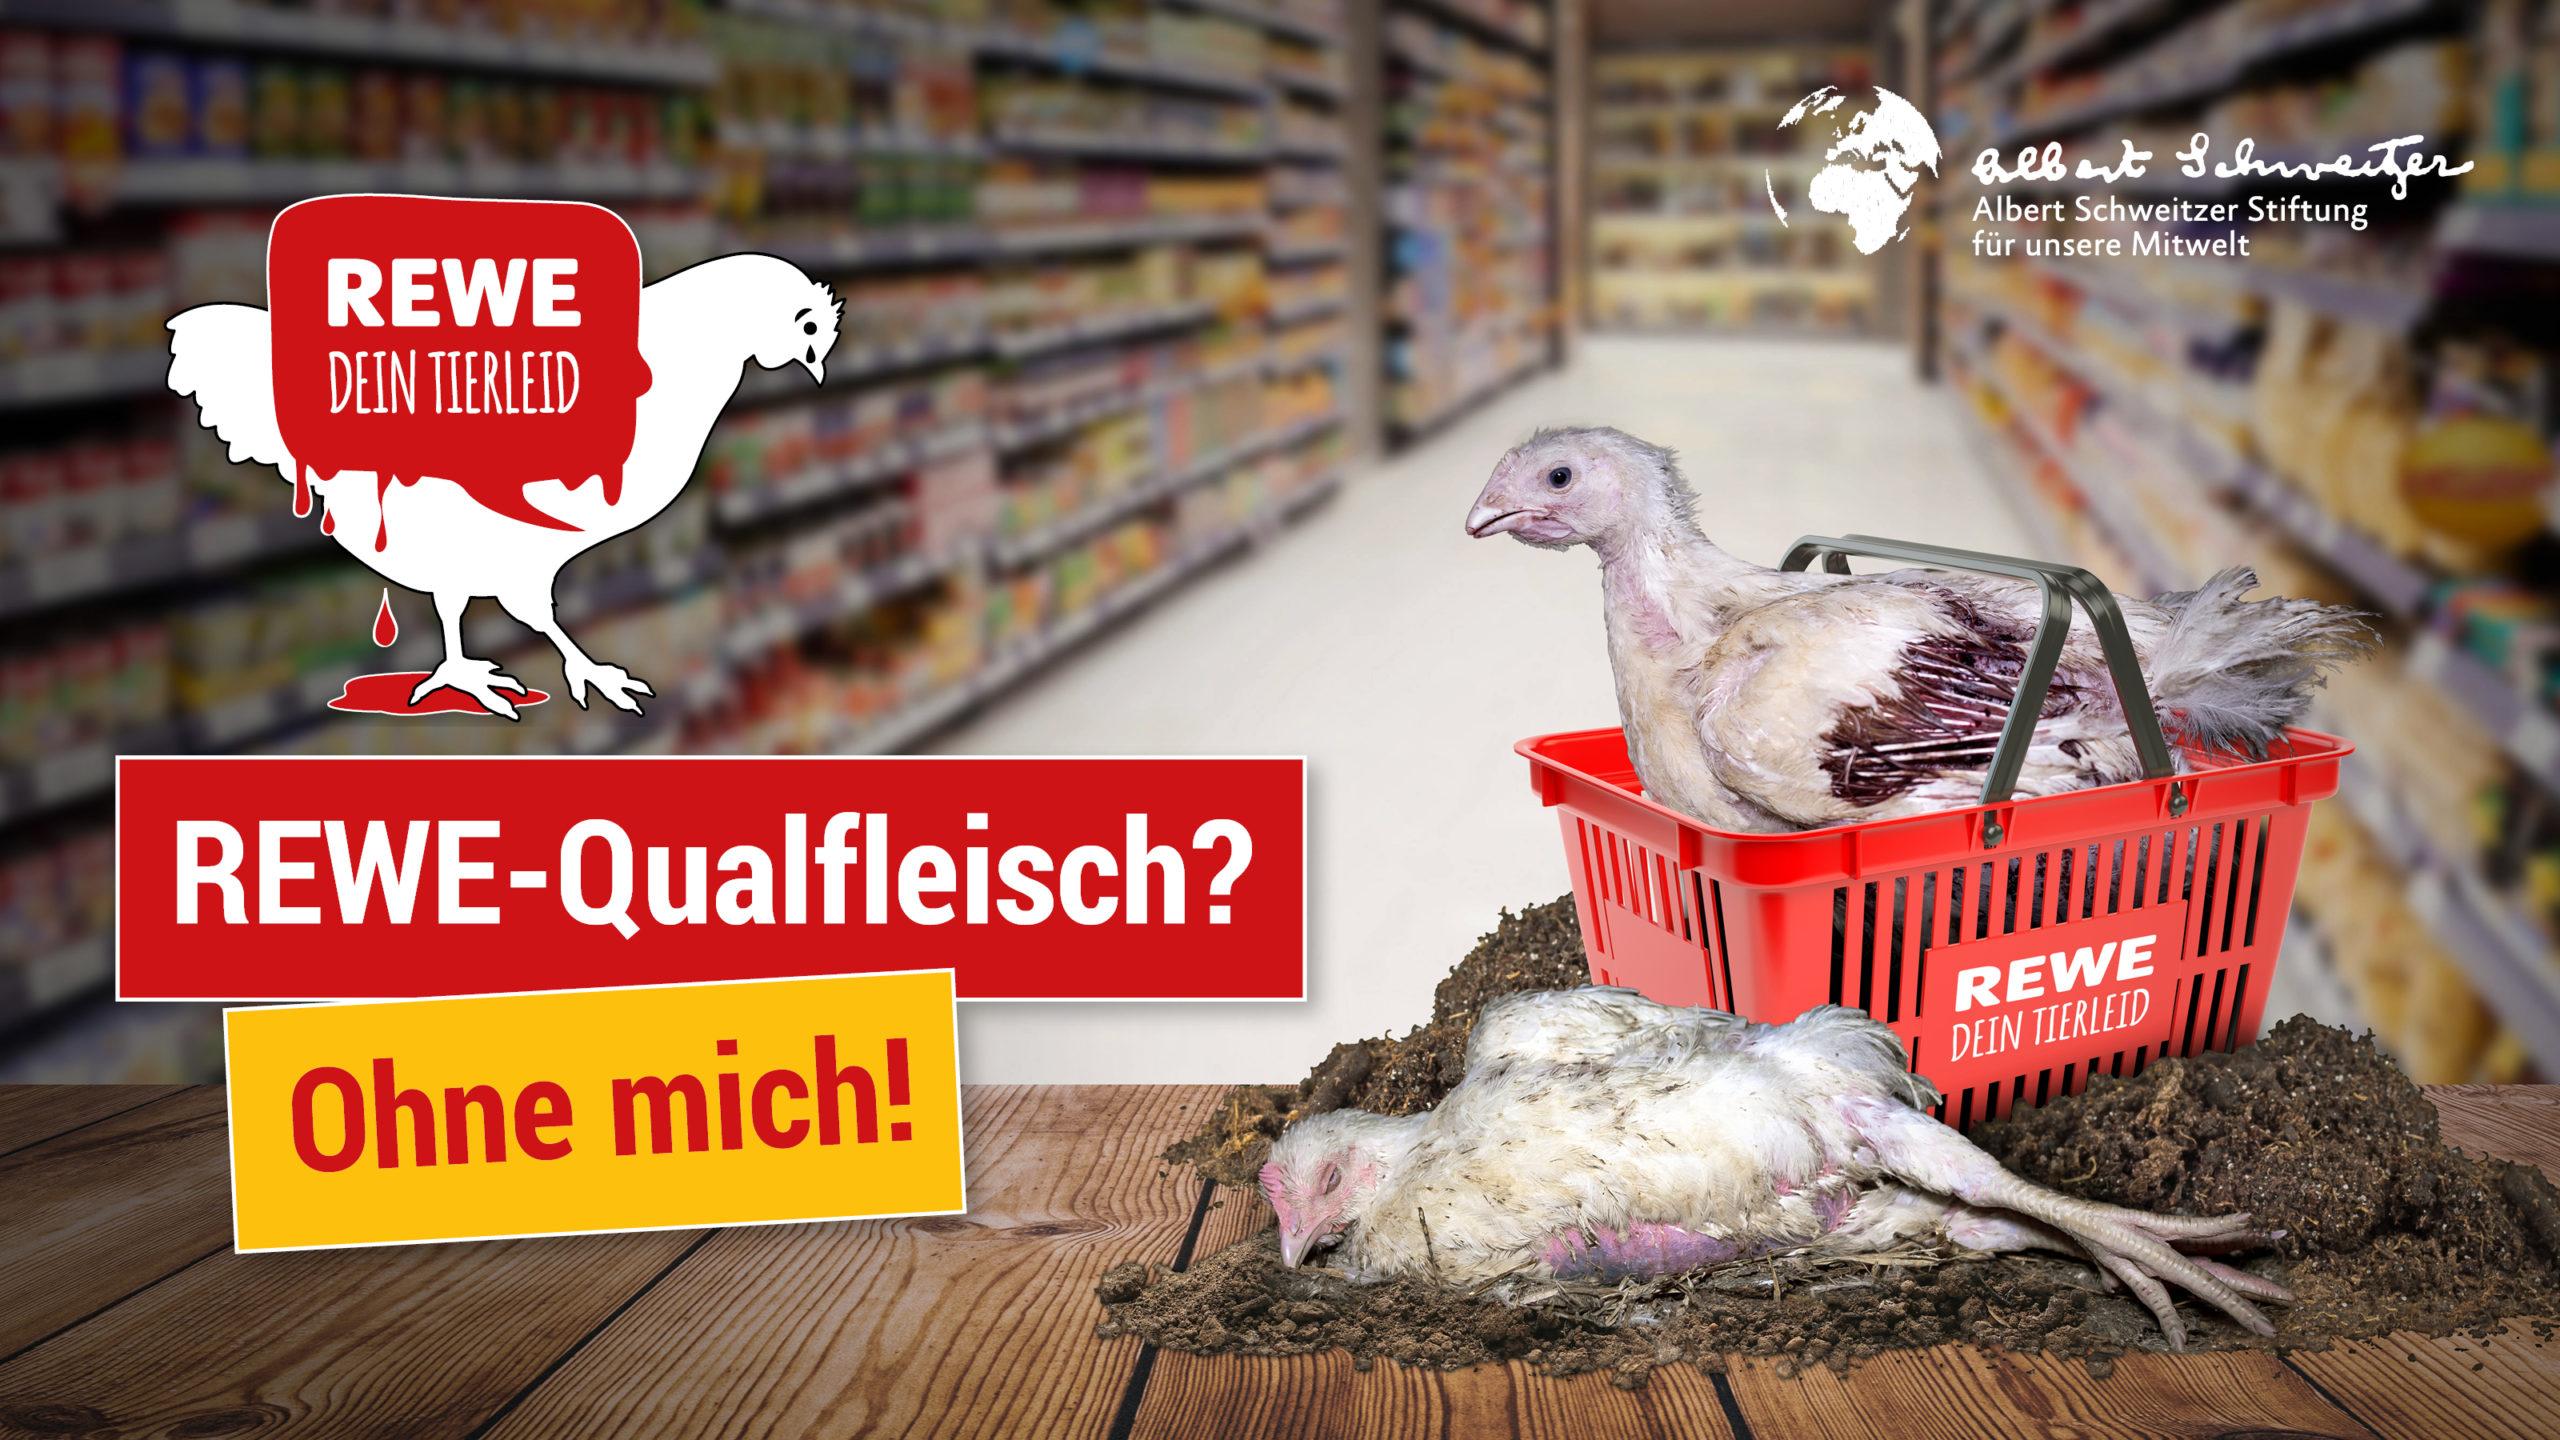 ReWe Qualfleisch